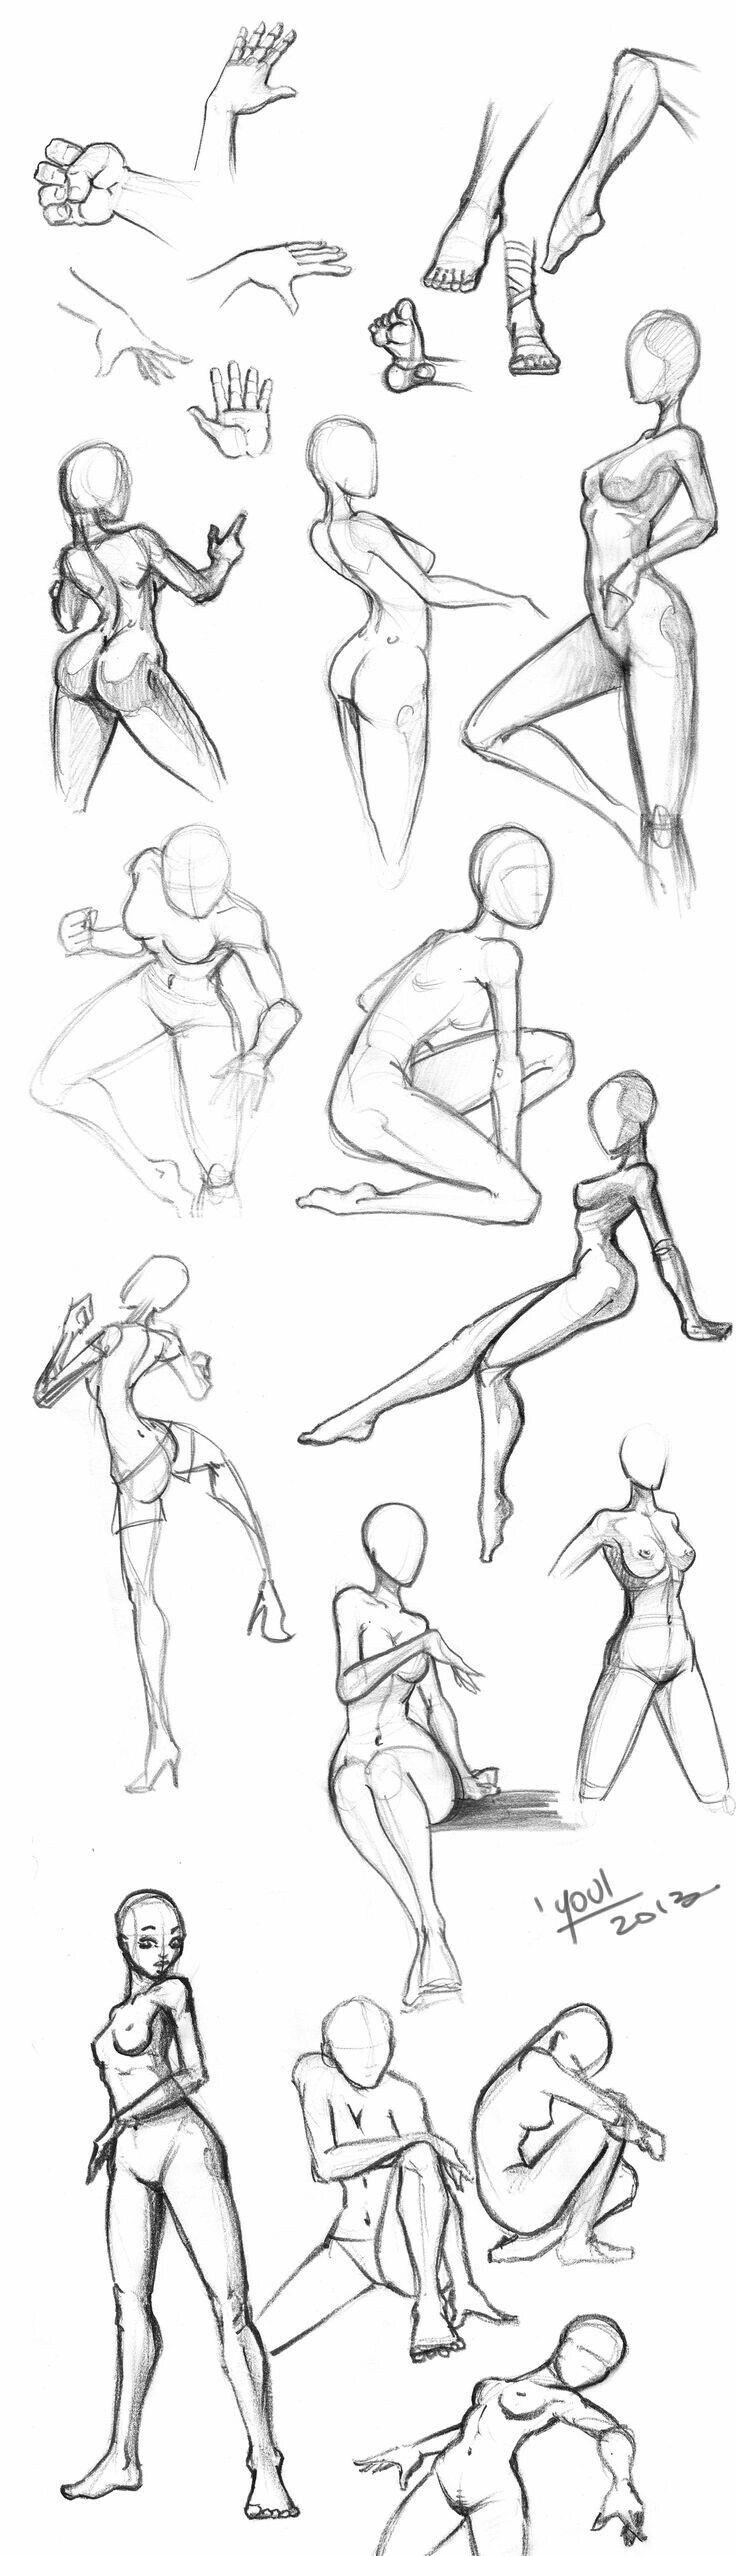 Pin de Mily Brest en drawings | Pinterest | Anatomía, Dibujo y Bocetos